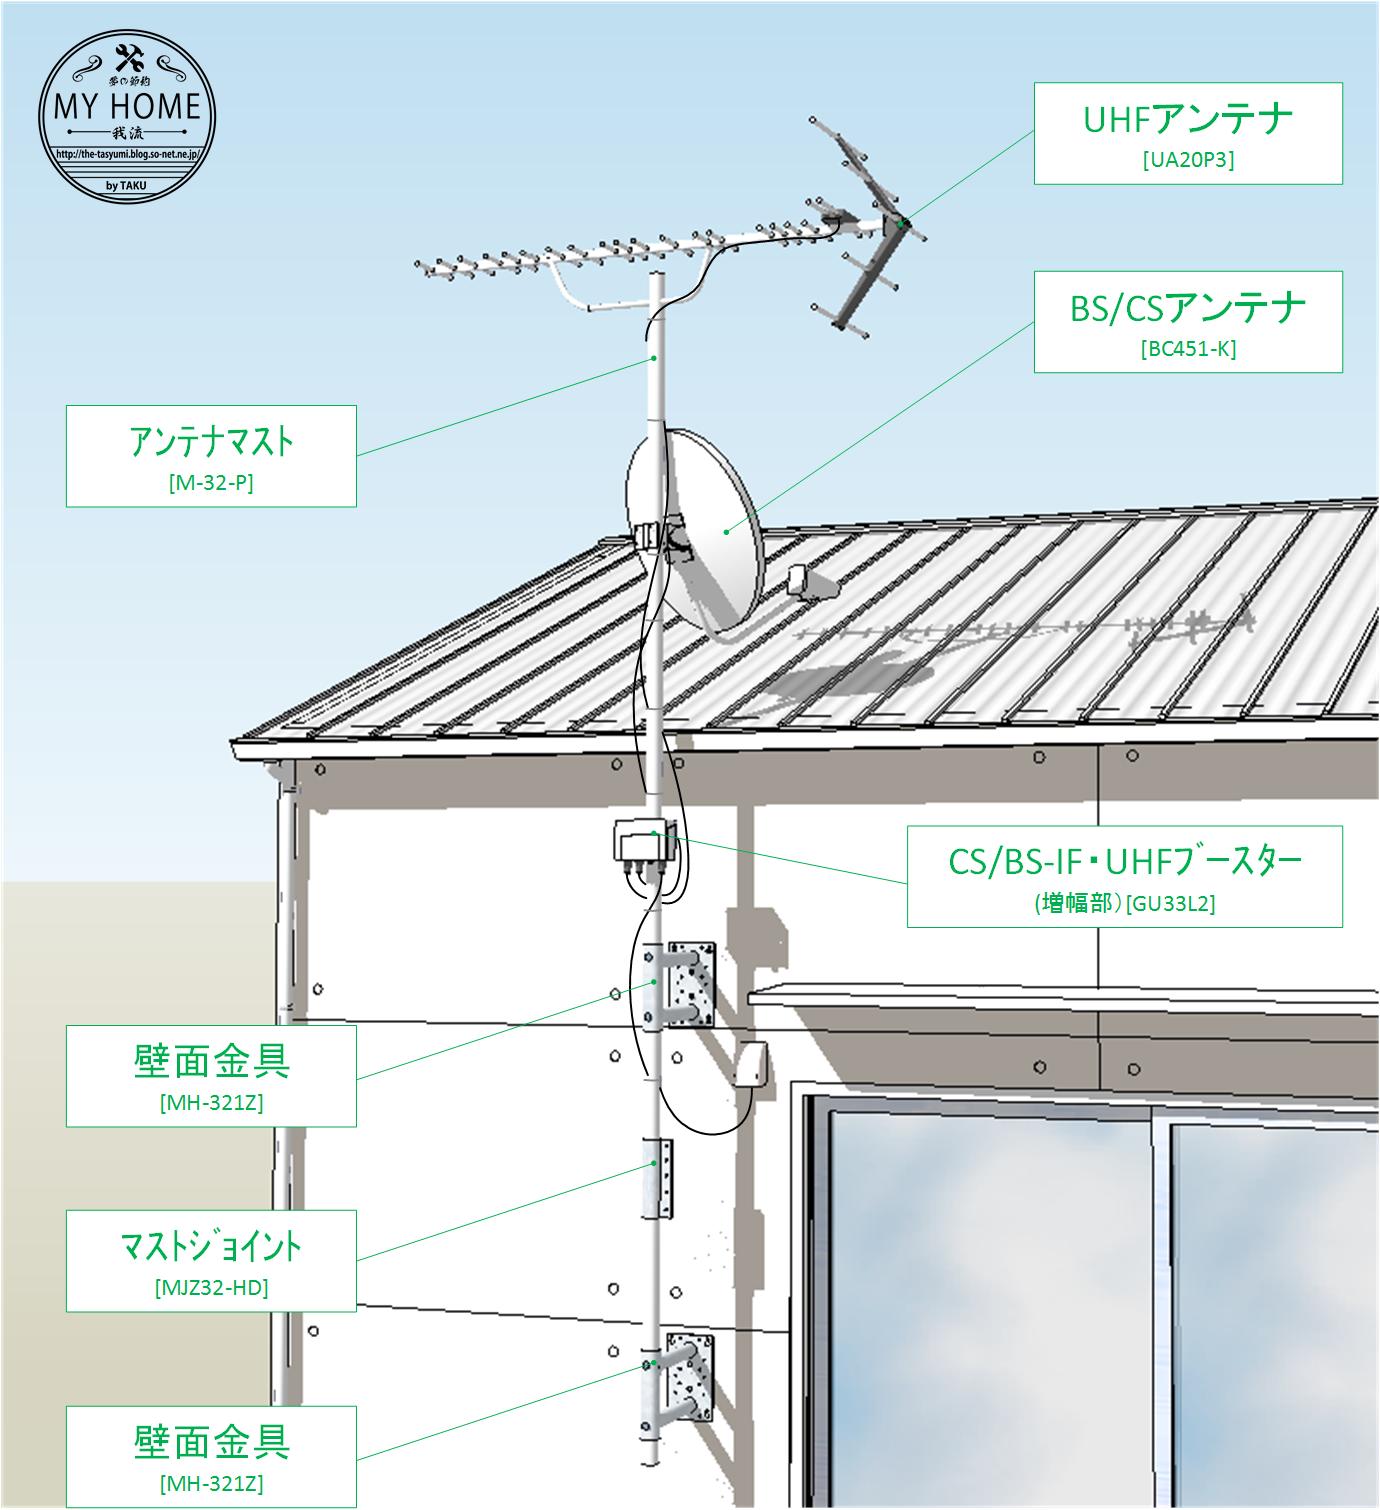 屋外アンテナパーツ構成.png